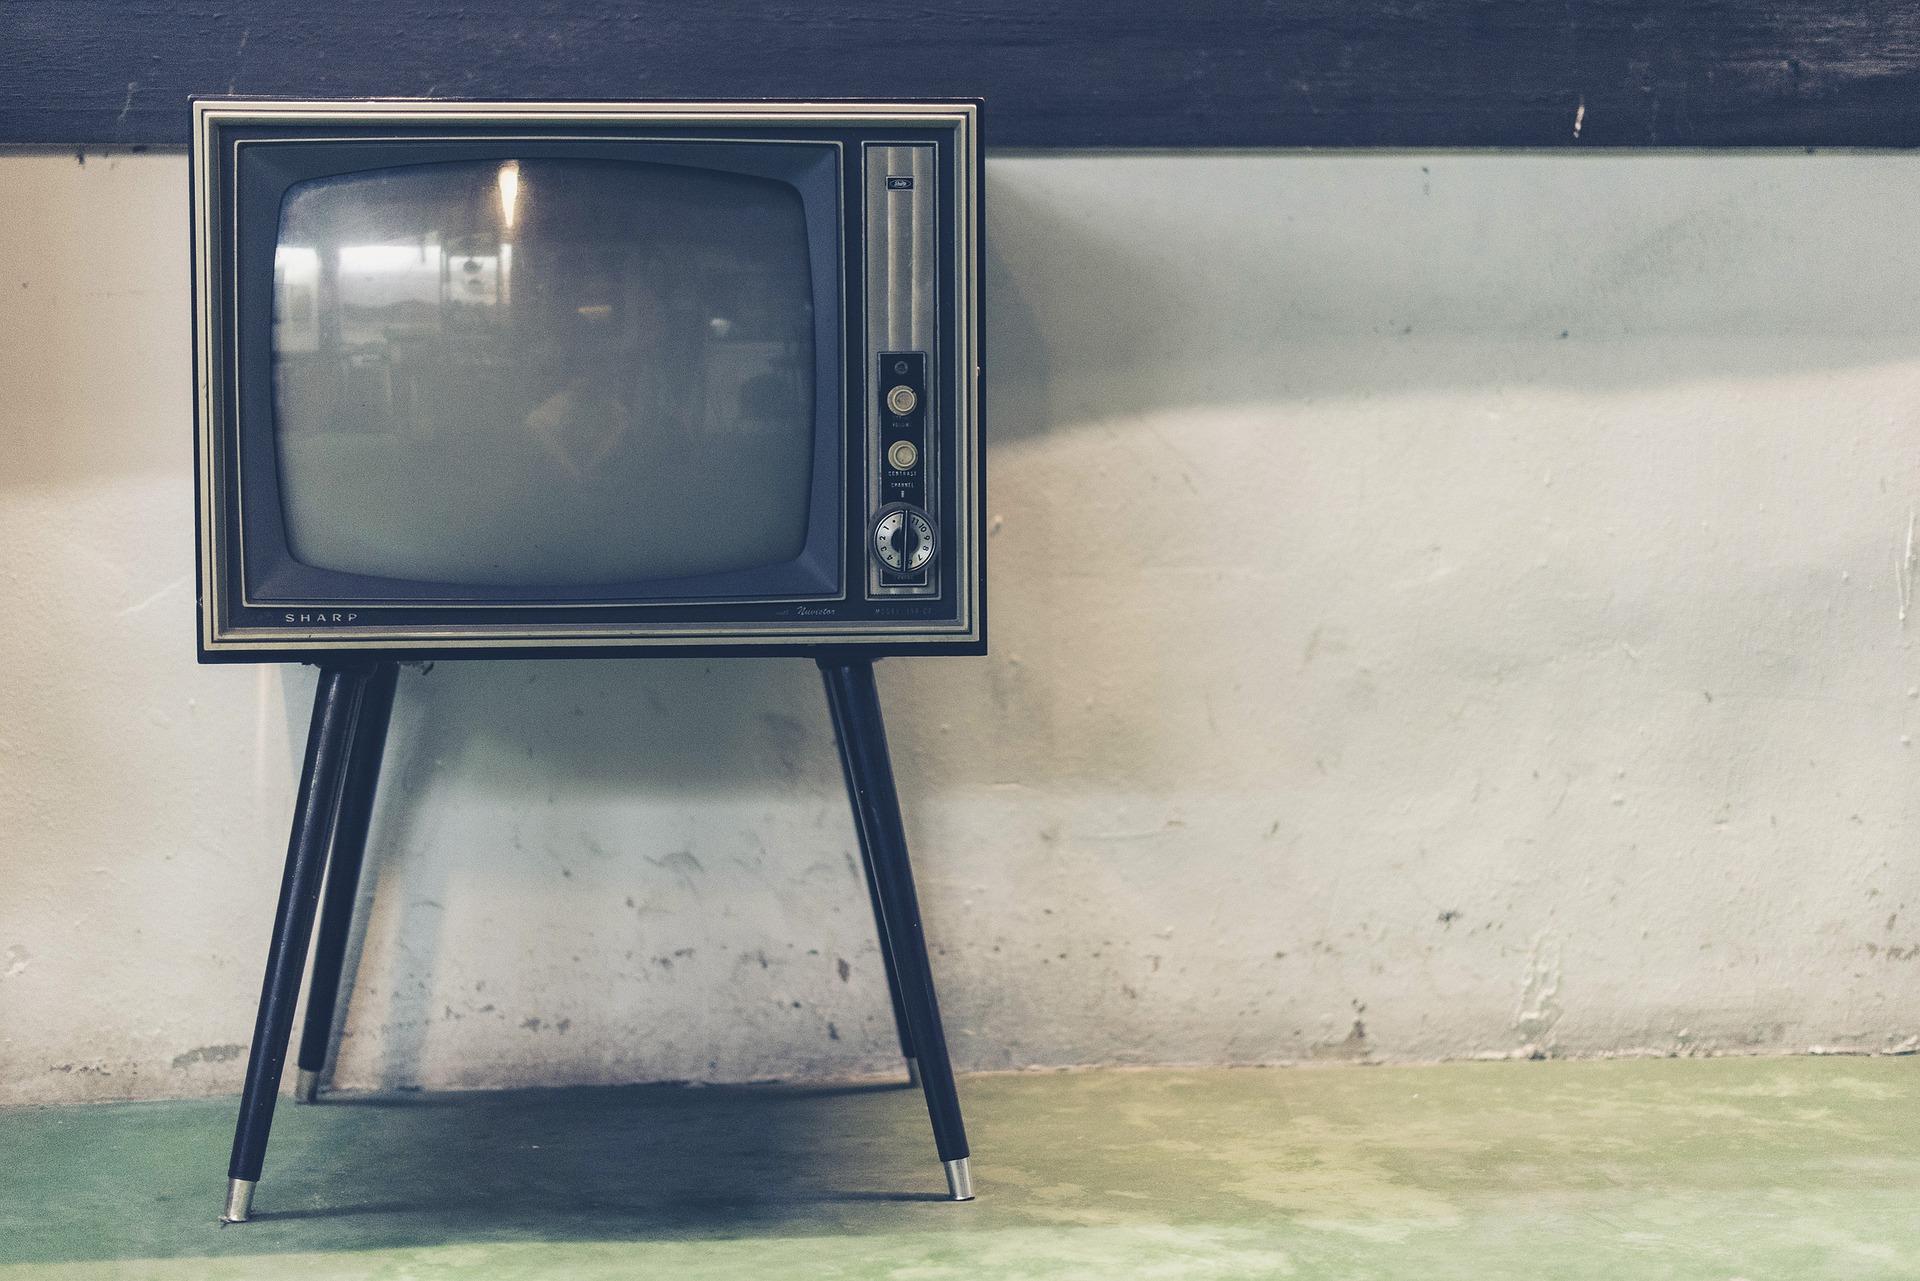 テレビがなくても生きていける時代なのに、家が大きくなると何で大きなテレビを購入するのだろう?